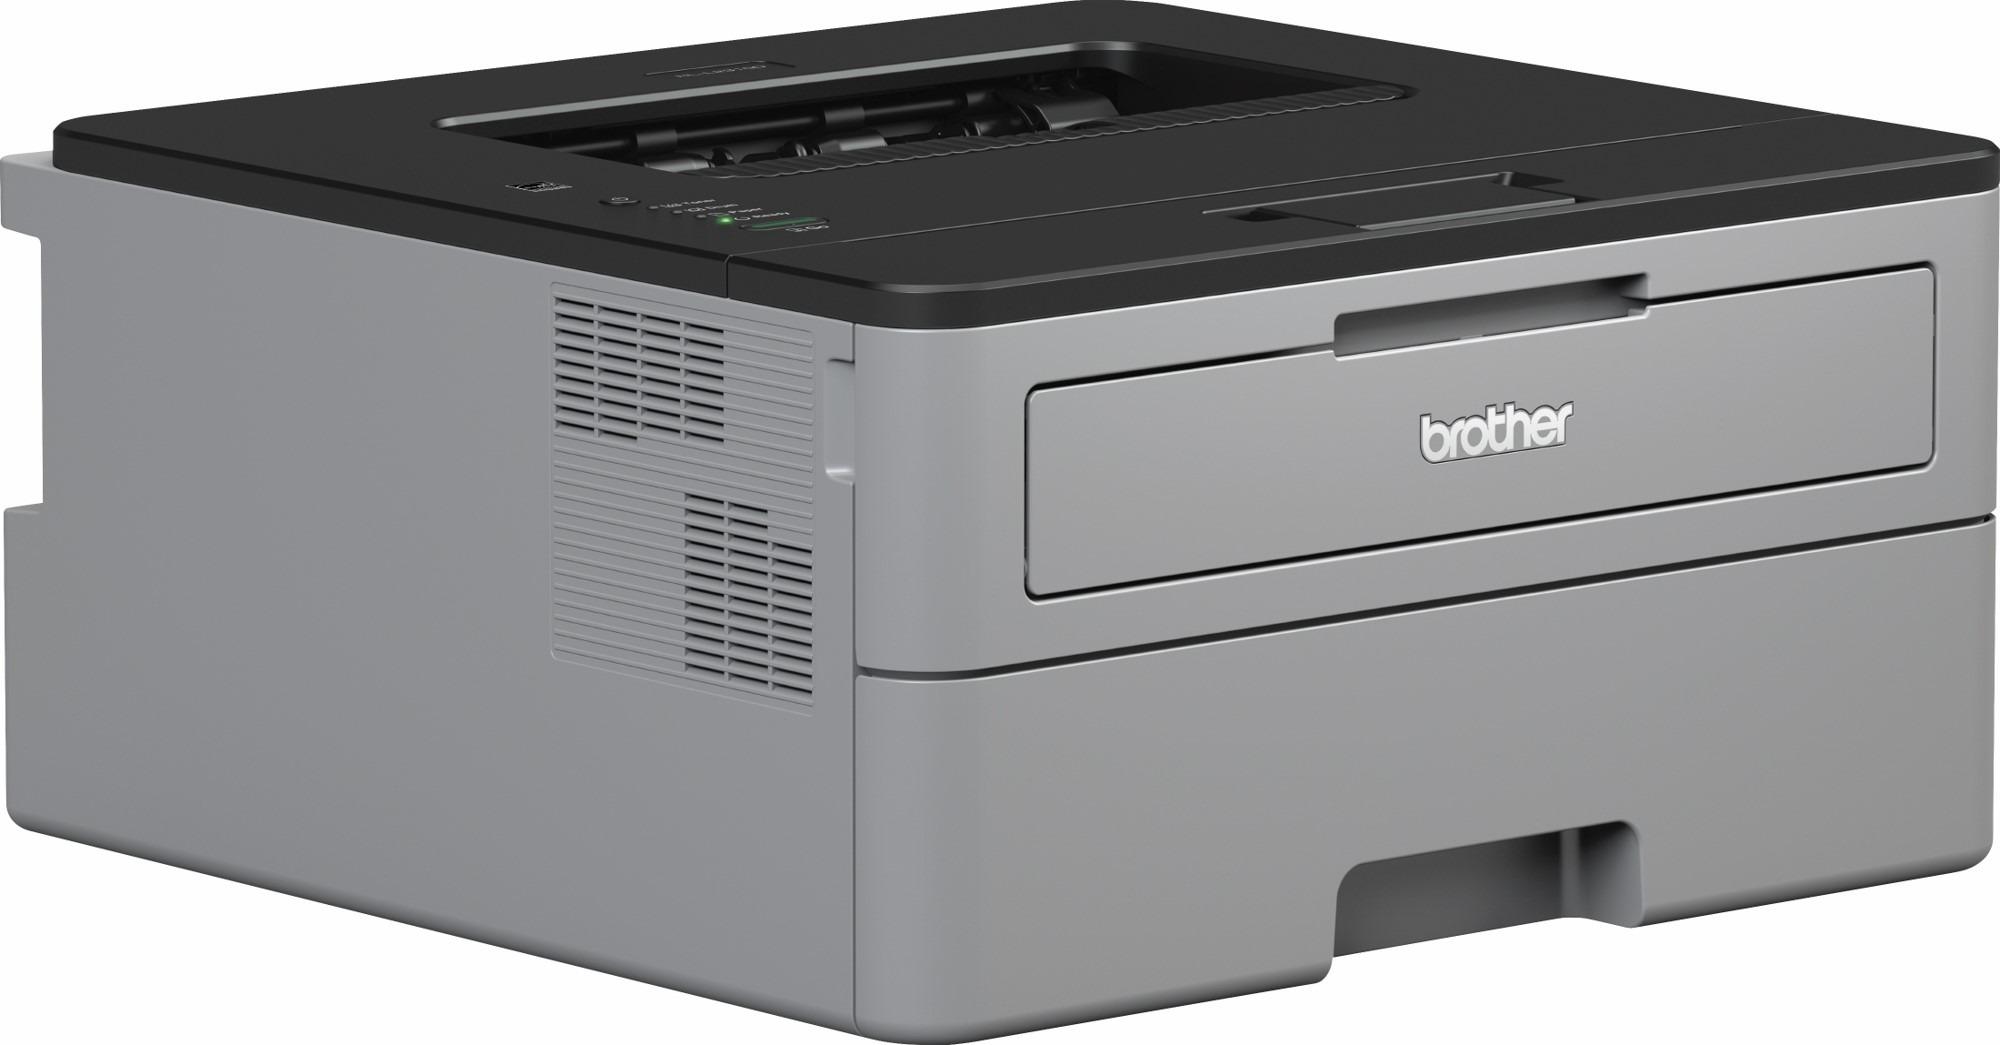 Stampante brother laser hl-l2310d a4 30ppm f/r hl-l2310d